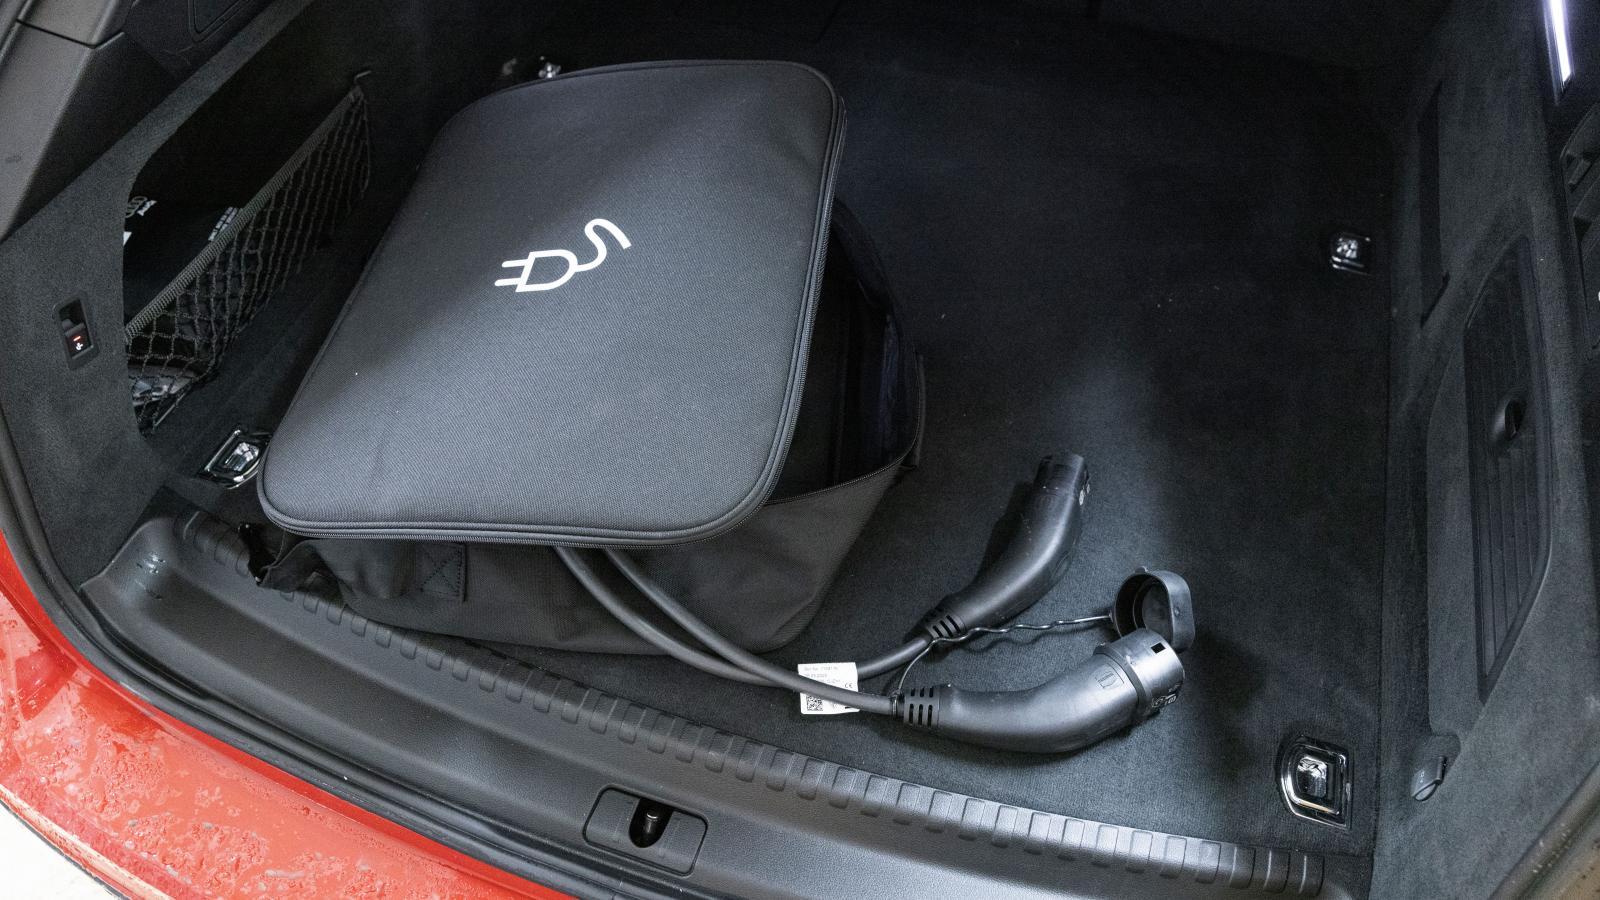 Audis batteripack omintetgjorde facket under bagagegolvet, sladden måste förvaras i en påse bland andra grejer.